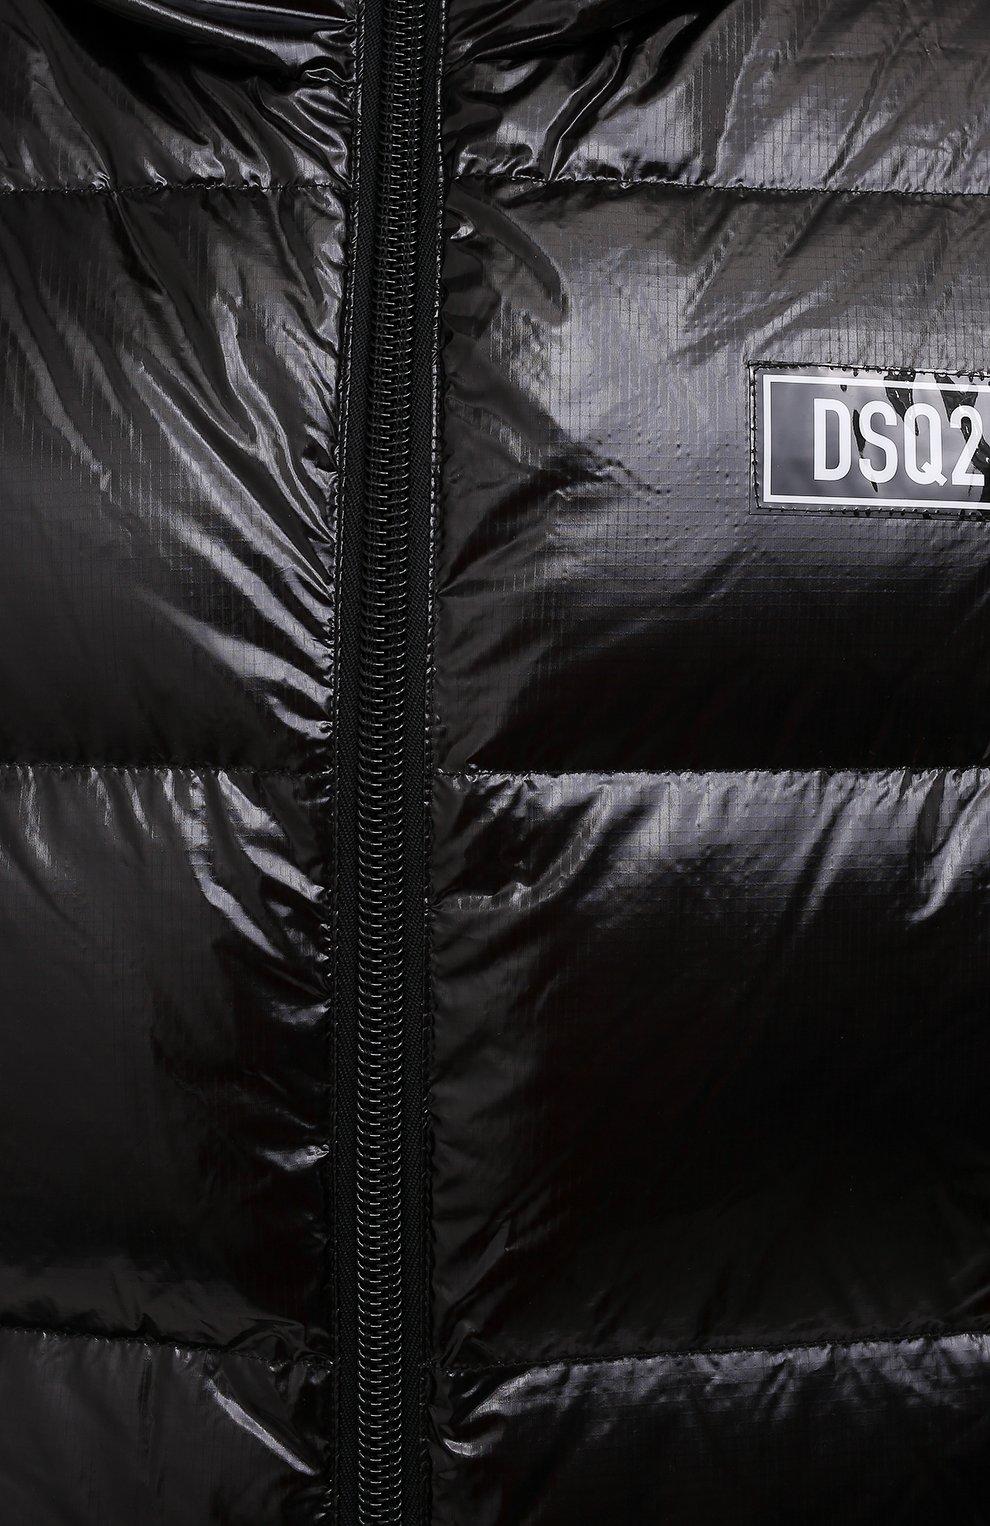 Мужская пуховая куртка DSQUARED2 черного цвета, арт. S74AM1201/S54056 | Фото 5 (Кросс-КТ: Куртка; Мужское Кросс-КТ: пуховик-короткий; Рукава: Длинные; Материал внешний: Синтетический материал; Стили: Гранж; Материал подклада: Синтетический материал; Длина (верхняя одежда): Короткие; Материал утеплителя: Пух и перо)